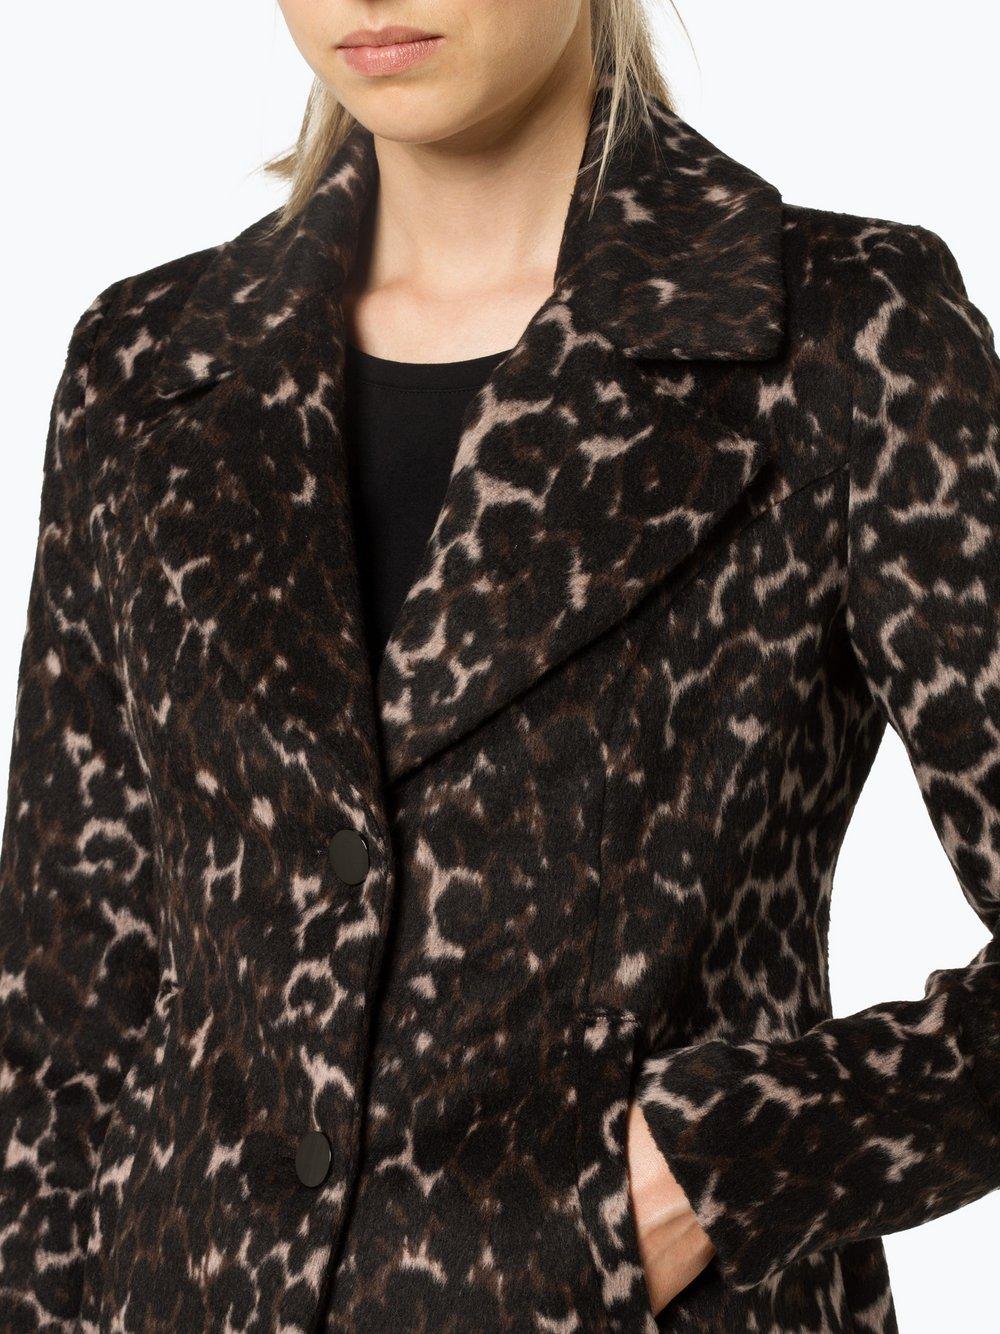 Online KaufenVangraaf Damen Guess Jeans com Mantel nP0wOX8k